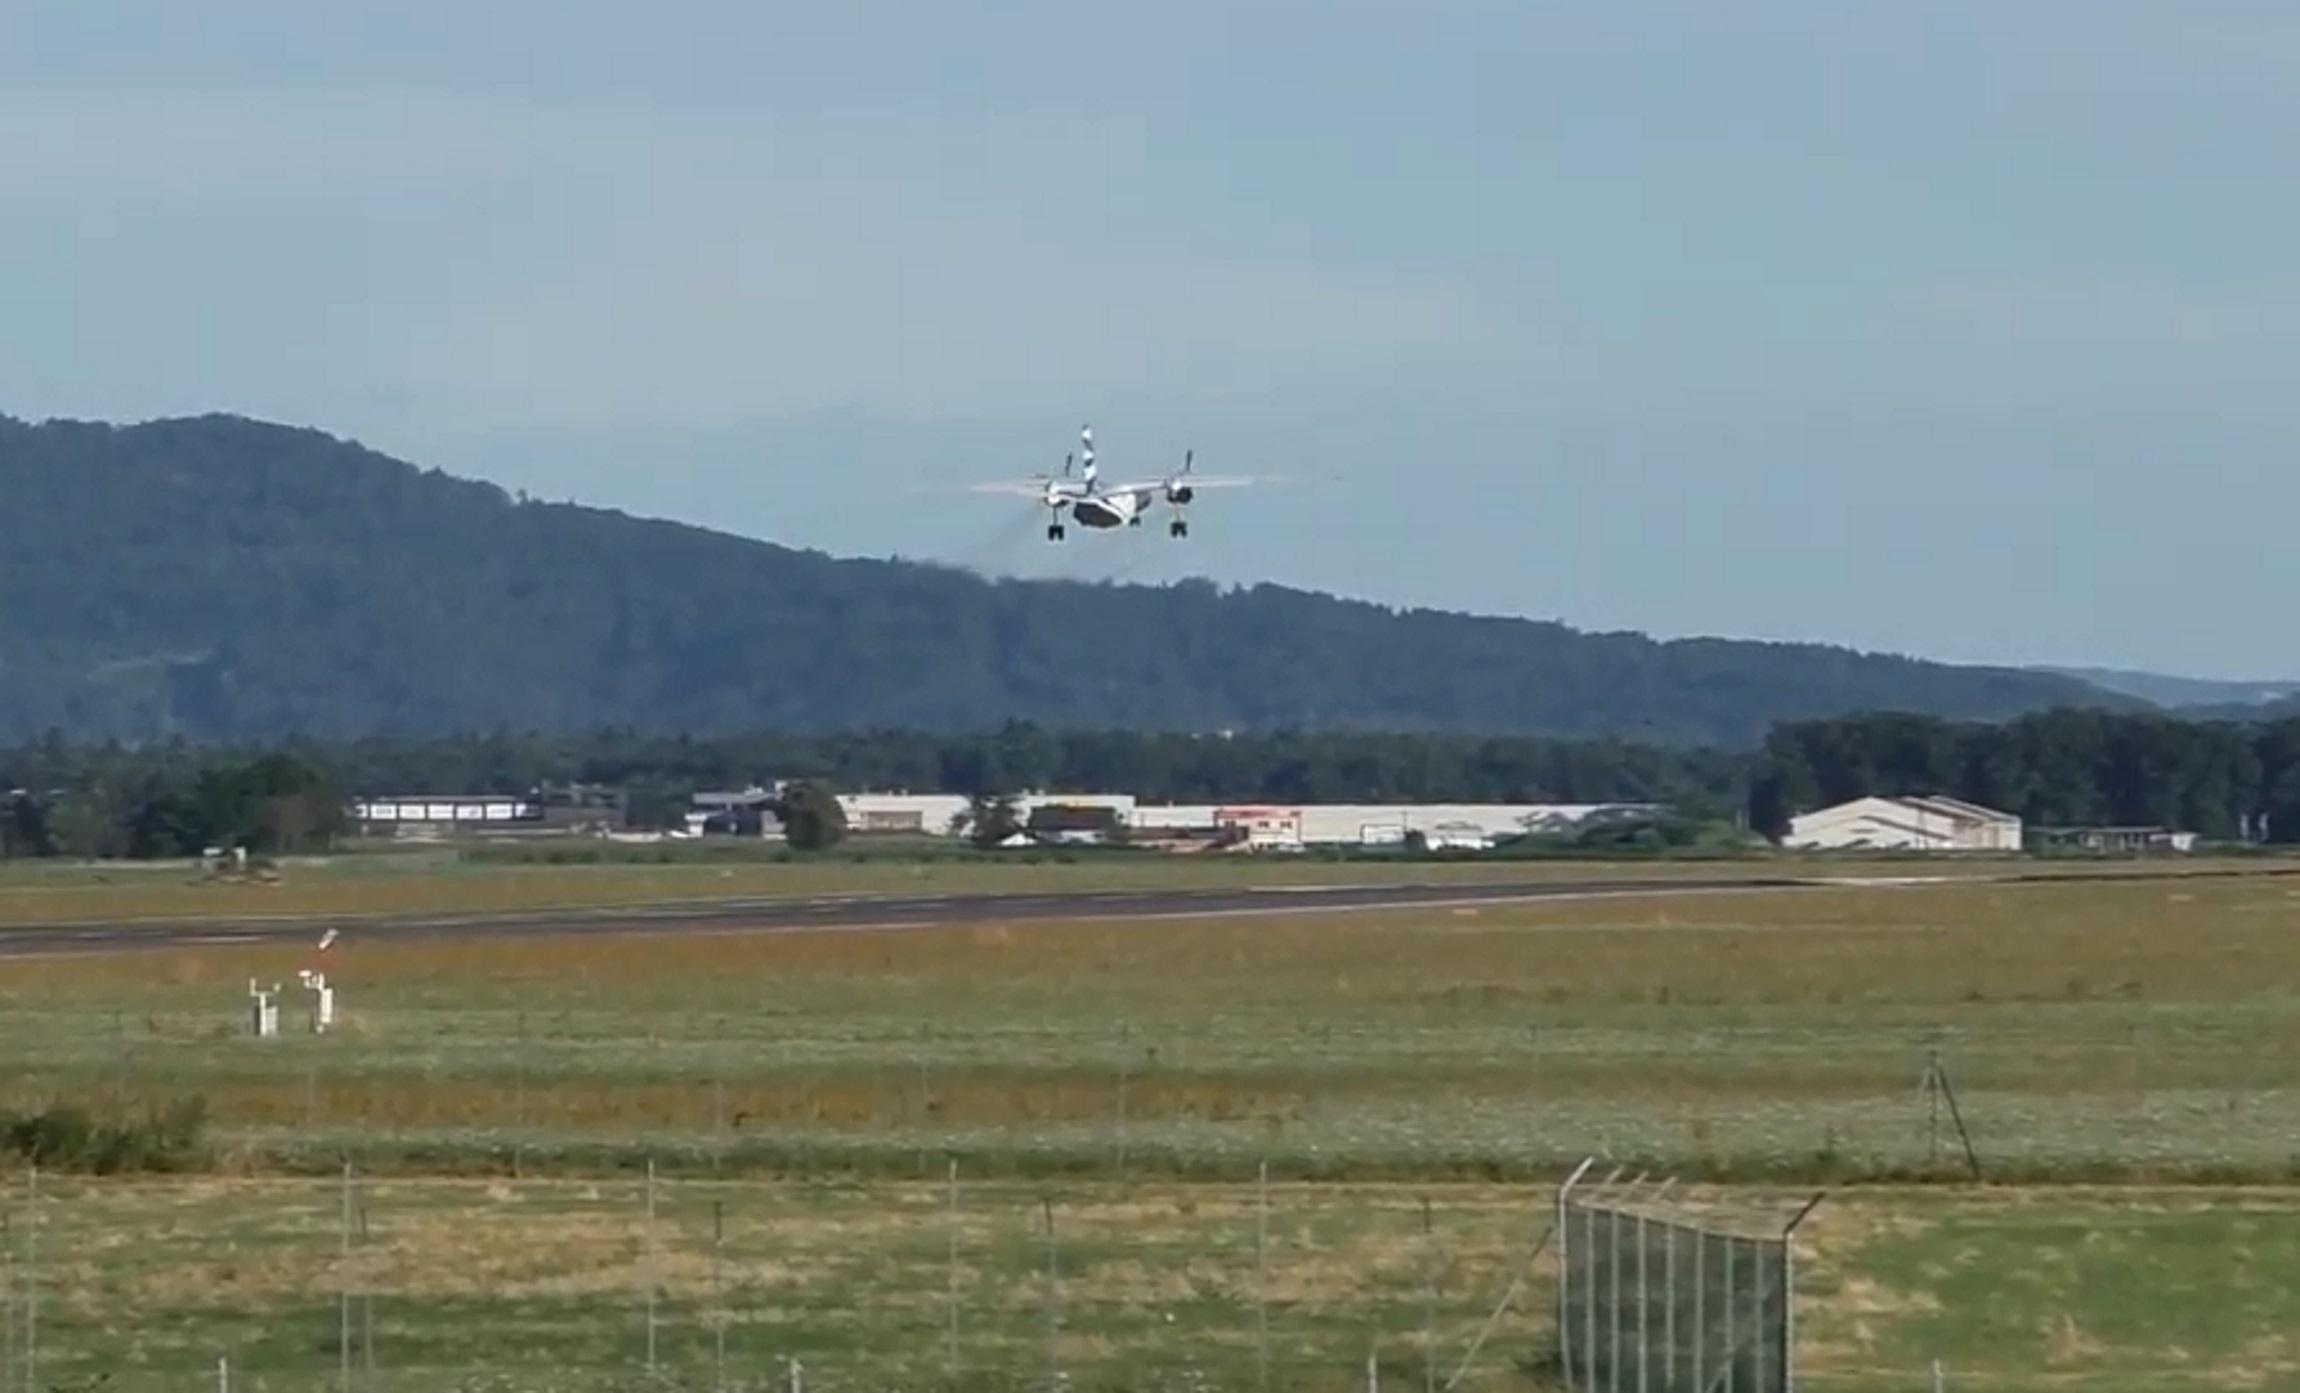 Ρωσία: Συνετρίβη μεταγωγικό αεροσκάφος An-26 με εξαμελές πλήρωμα